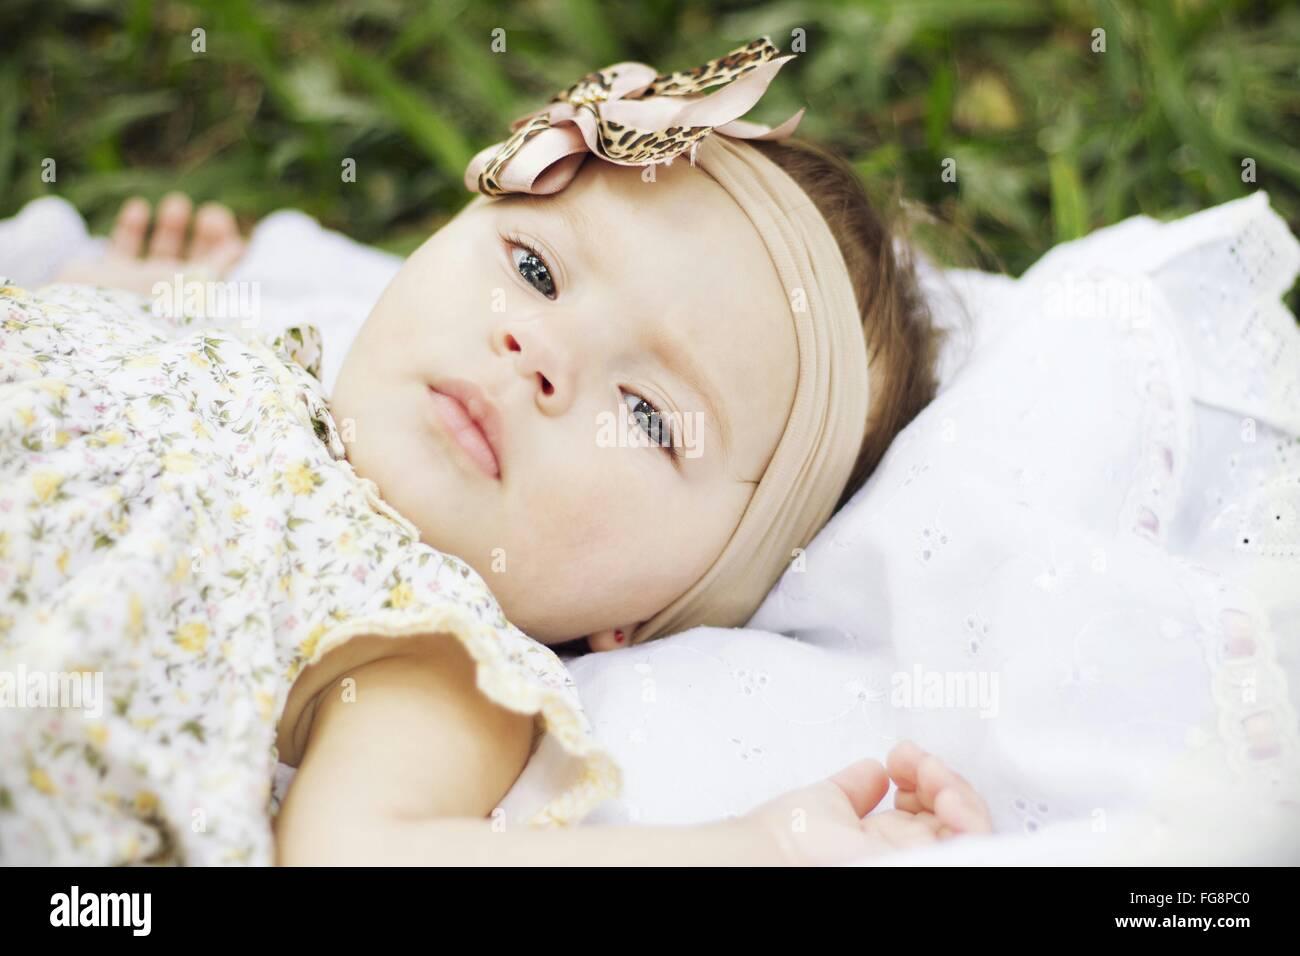 Portrait Of Baby Girl Lying Outdoors - Stock Image